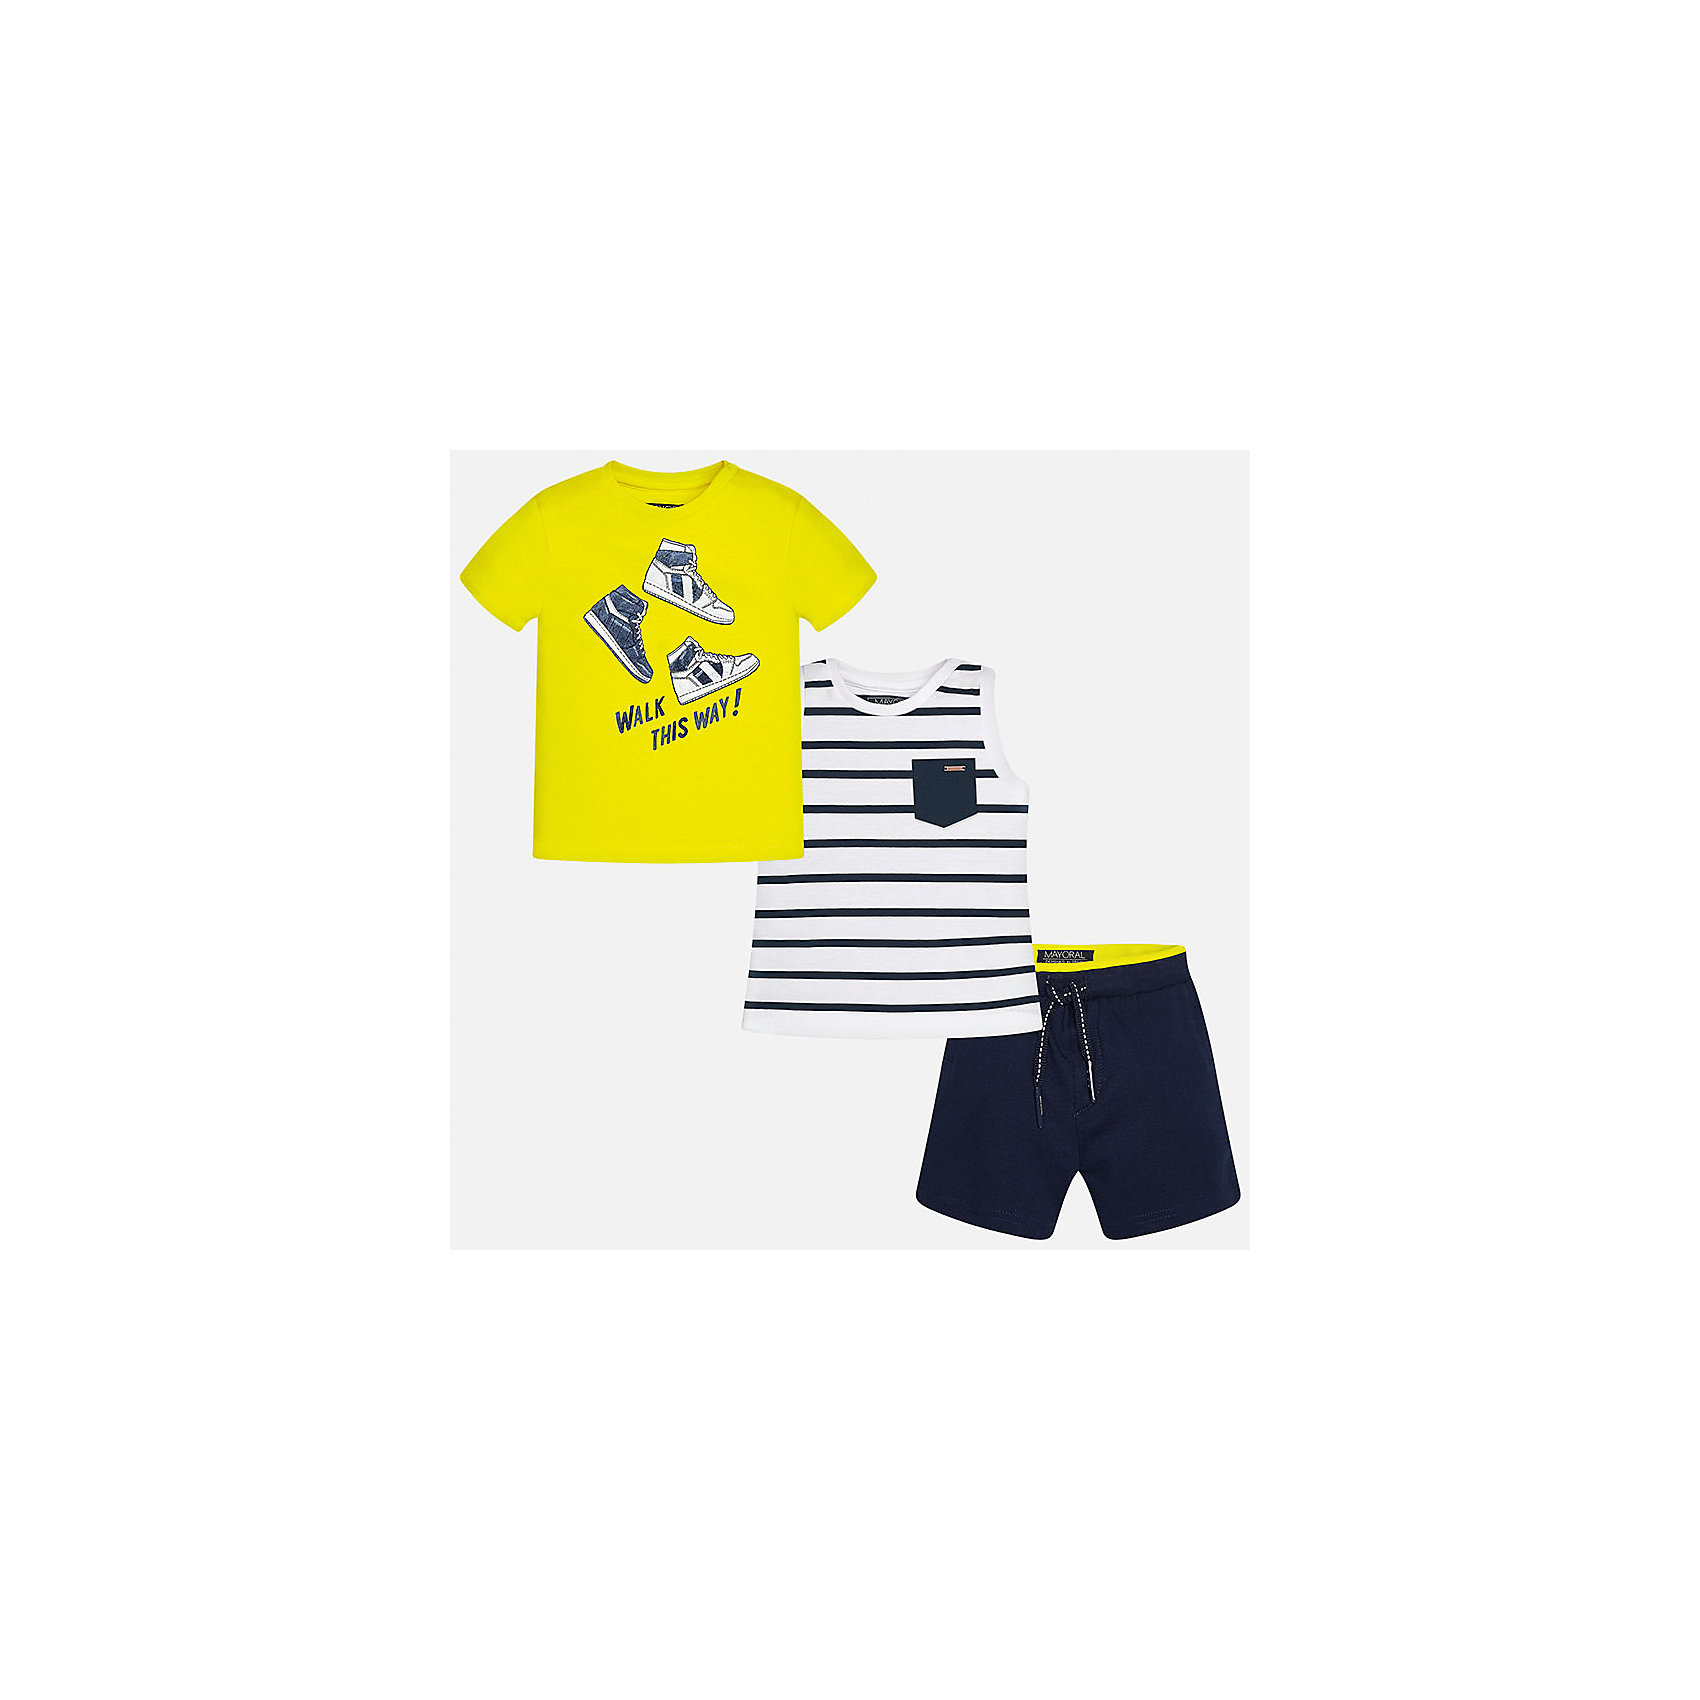 Комплект: футболка, майка и шорты для мальчика MayoralКомплекты<br>Характеристики товара:<br><br>• цвет: жёлтый/белый/синий<br>• состав: 100% хлопок<br>• комплектация: футболка, майка, шорты<br>• футболка декорирована принтом<br>• короткие рукава<br>• шорты однотонные<br>• в поясе шнурок<br>• страна бренда: Испания<br><br>Красивый качественный комплект для мальчика поможет разнообразить гардероб ребенка и удобно одеться в теплую погоду. Он отлично сочетается с другими предметами. Универсальный цвет позволяет подобрать к вещам верхнюю одежду практически любой расцветки. Интересная отделка модели делает её нарядной и оригинальной. В составе материала - только натуральный хлопок, гипоаллергенный, приятный на ощупь, дышащий.<br><br>Одежда, обувь и аксессуары от испанского бренда Mayoral полюбились детям и взрослым по всему миру. Модели этой марки - стильные и удобные. Для их производства используются только безопасные, качественные материалы и фурнитура. Порадуйте ребенка модными и красивыми вещами от Mayoral! <br><br>Комплект для мальчика от испанского бренда Mayoral (Майорал) можно купить в нашем интернет-магазине.<br><br>Ширина мм: 157<br>Глубина мм: 13<br>Высота мм: 119<br>Вес г: 200<br>Цвет: синий<br>Возраст от месяцев: 12<br>Возраст до месяцев: 15<br>Пол: Мужской<br>Возраст: Детский<br>Размер: 80,92,86<br>SKU: 5279677